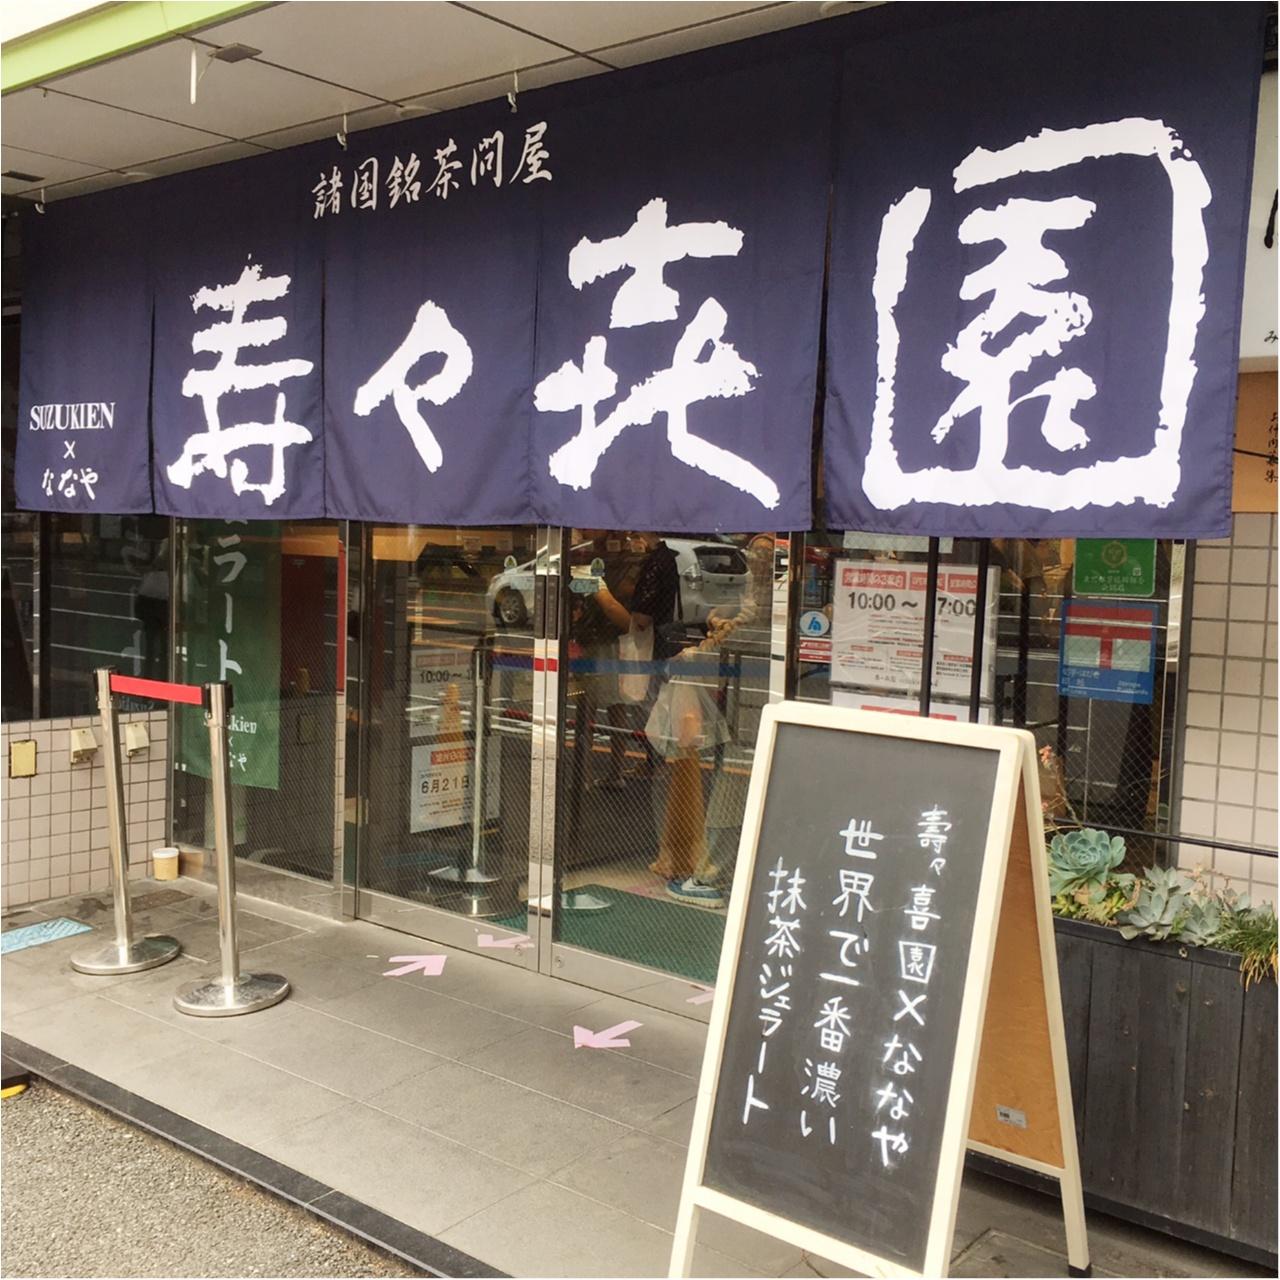 浅草【壽々喜園】で【世界一濃い抹茶ジェラート】を食べてみた(﹡´◡`﹡ )♡_1